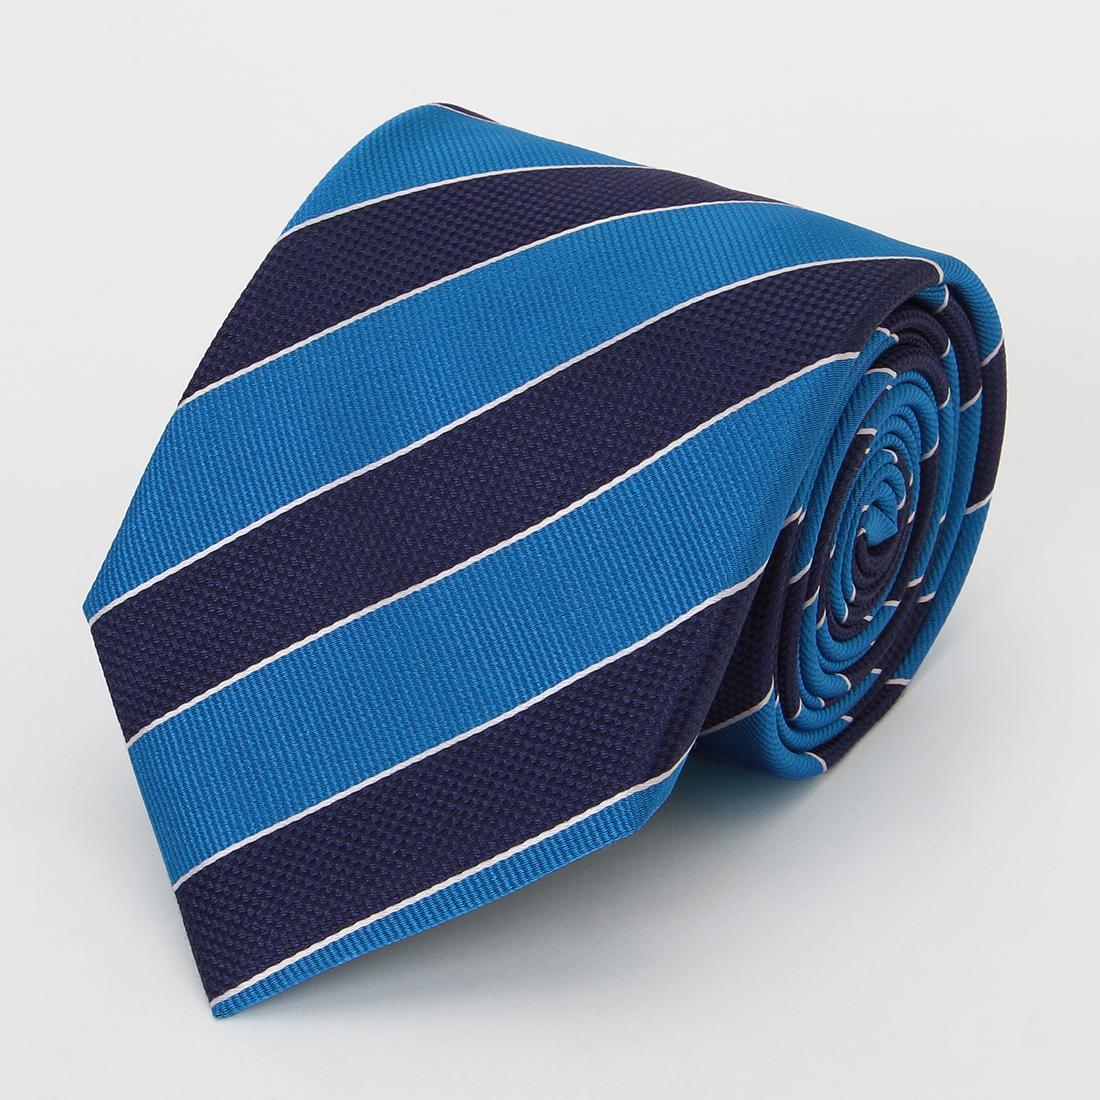 201606_necktie_brand_017